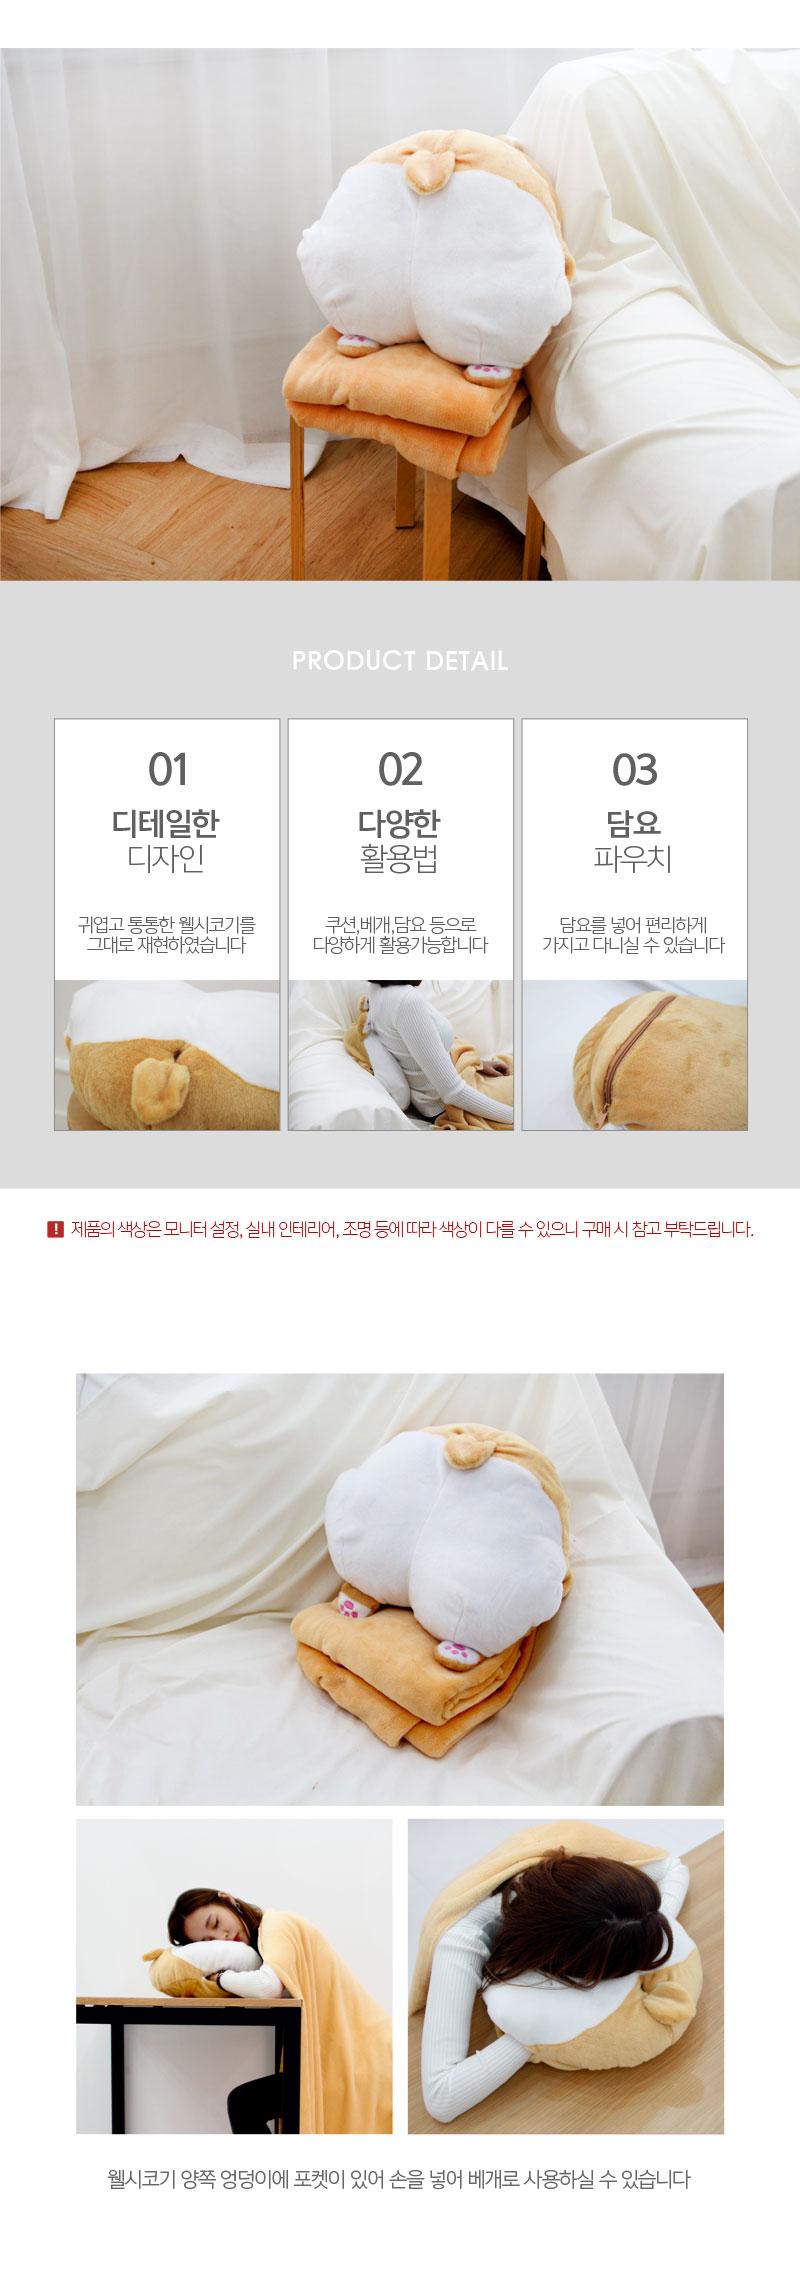 웰시코기 엉덩이 쿠션담요 낮잠 팔베개 - 갓샵, 27,500원, 담요/블랑켓, 캐릭터/일러스트